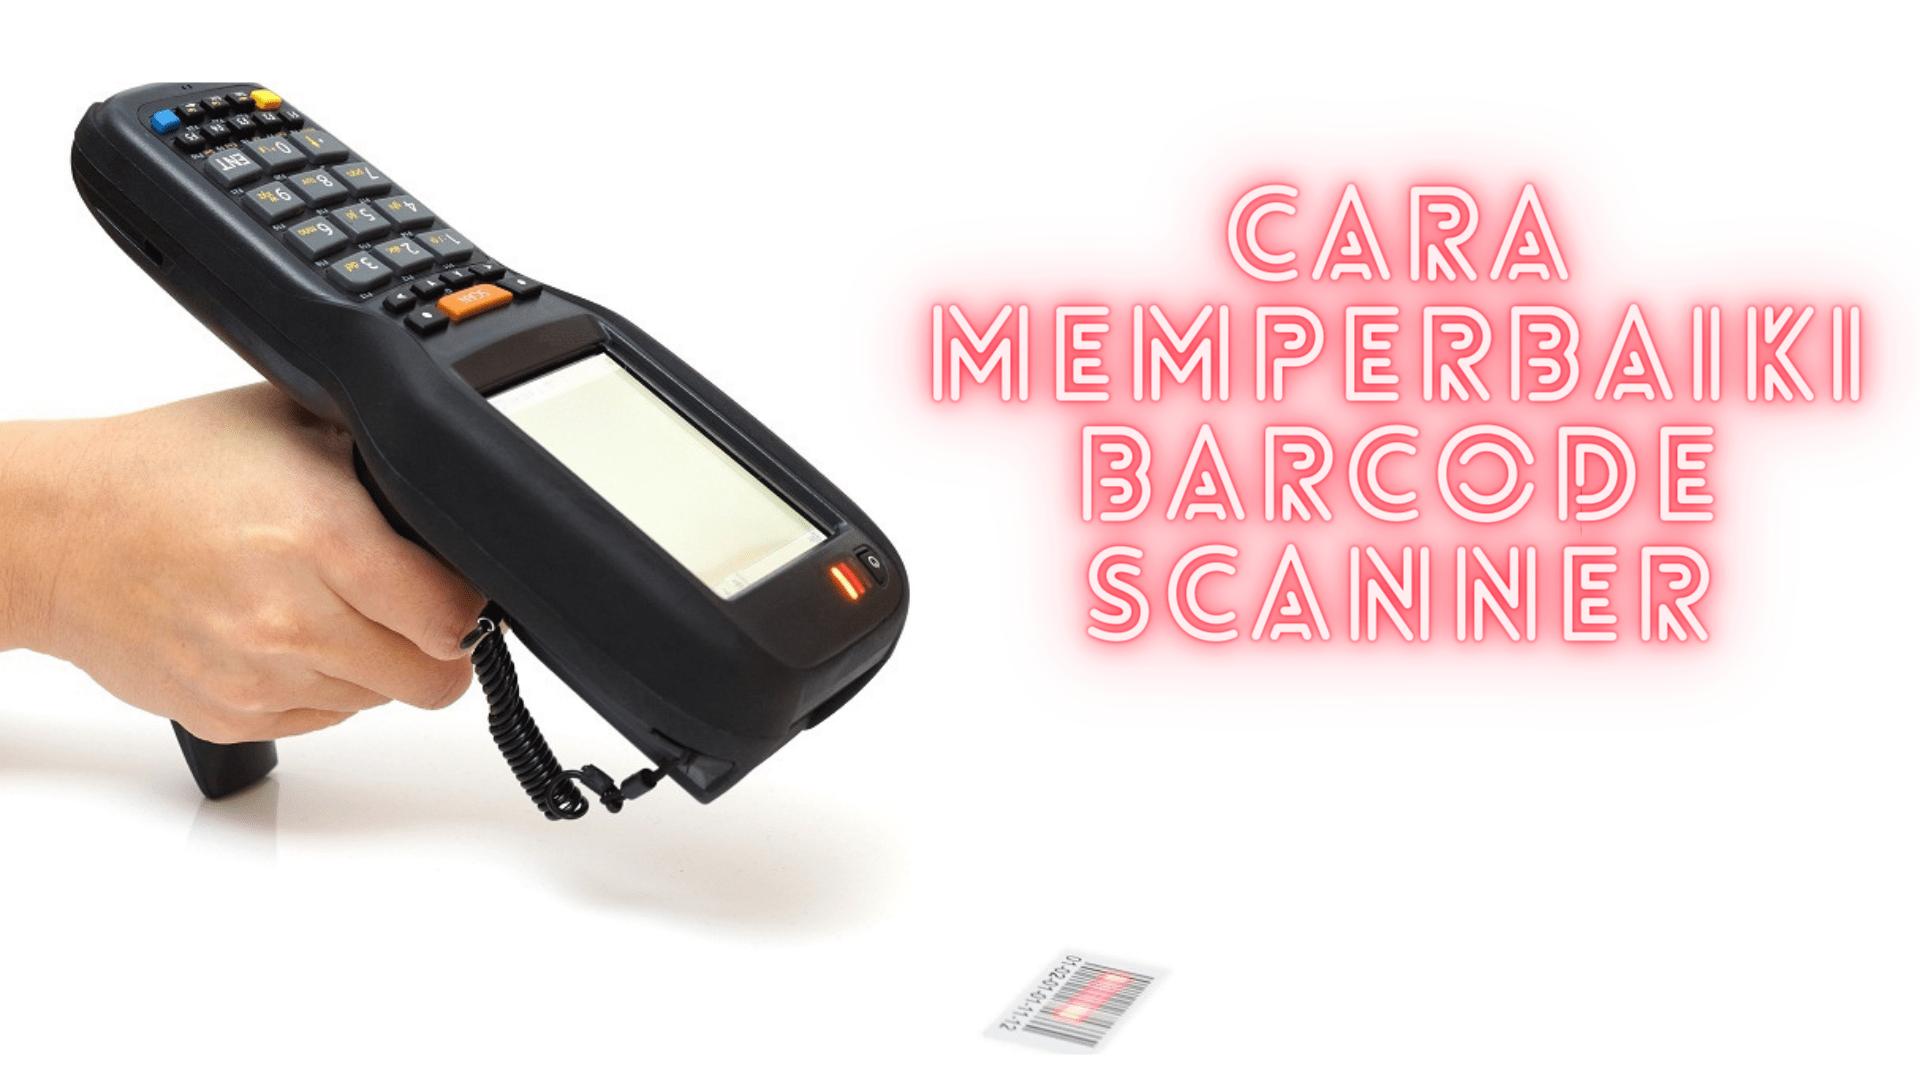 Cara Memperbaiki Scanner Barcode